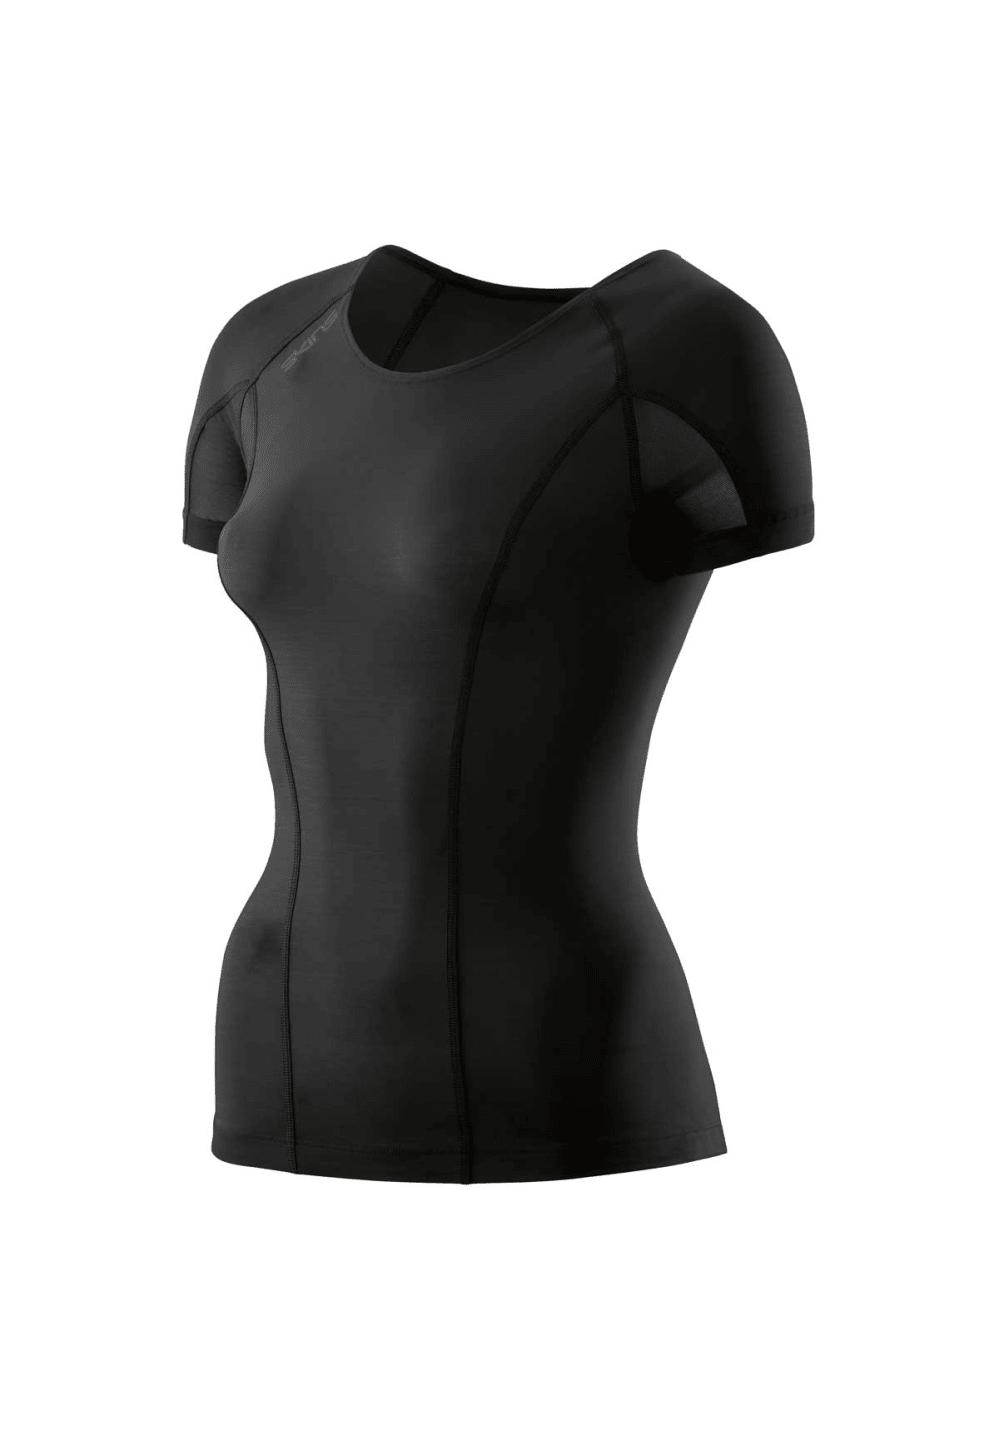 Skins Dnamic-short Sleeve Top - Laufshirts für Damen - Schwarz, Gr. S